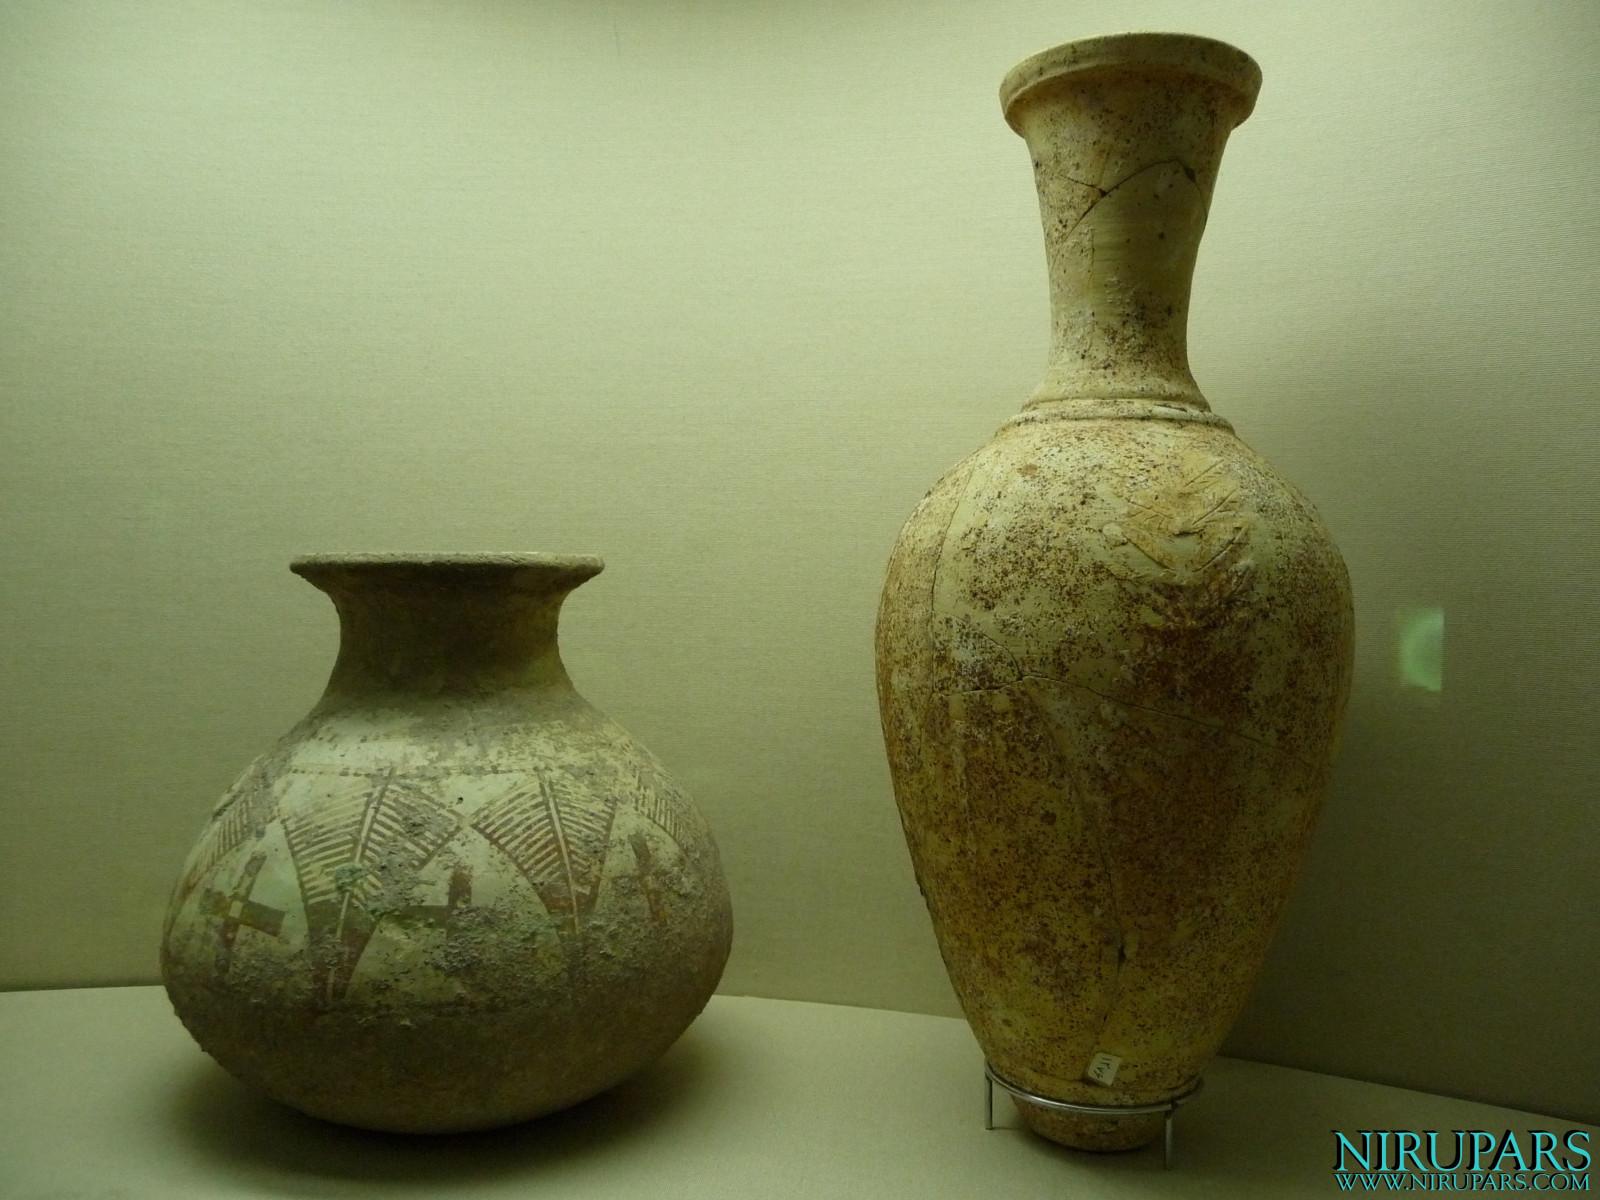 Glassware and Ceramic Museum - Vessels Ceramic